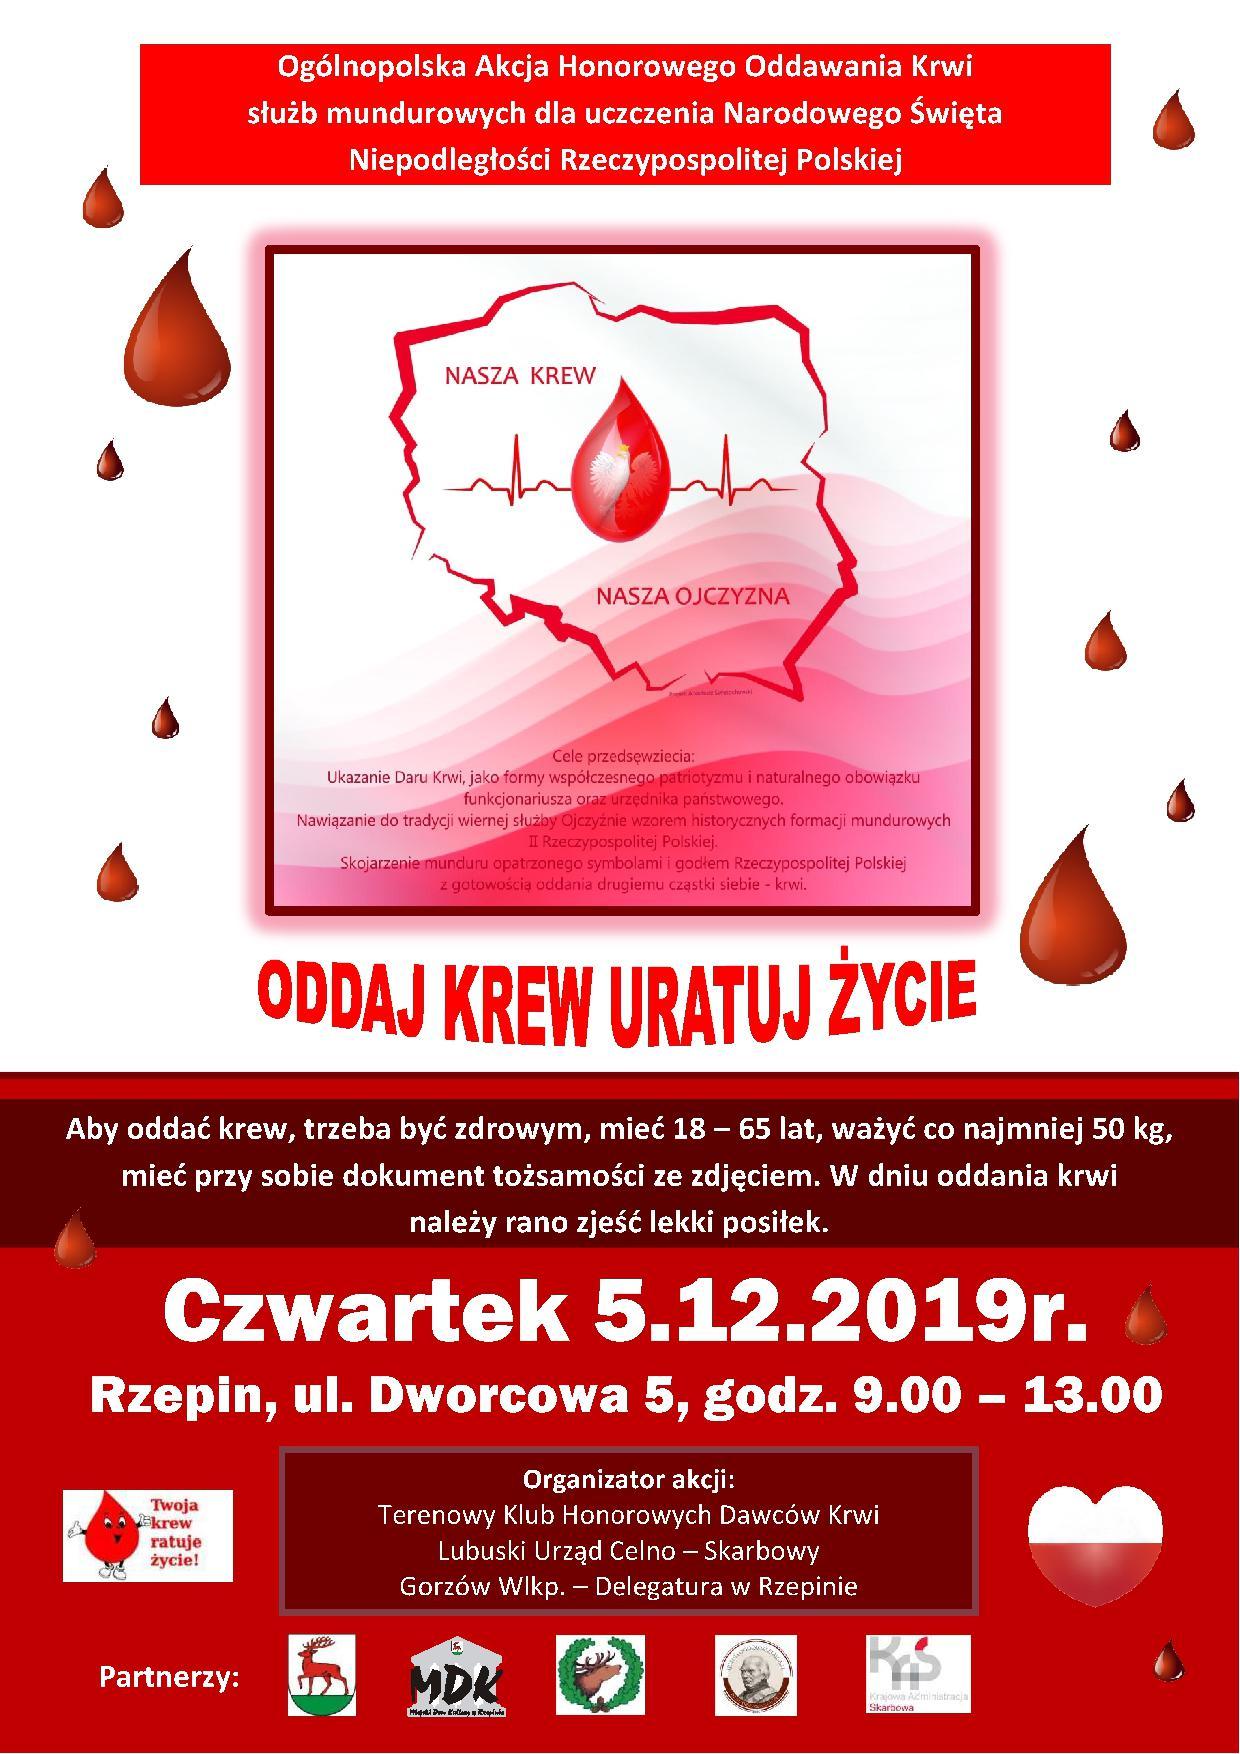 Ilustracja do informacji: Oddaj krew - uratuj życie!